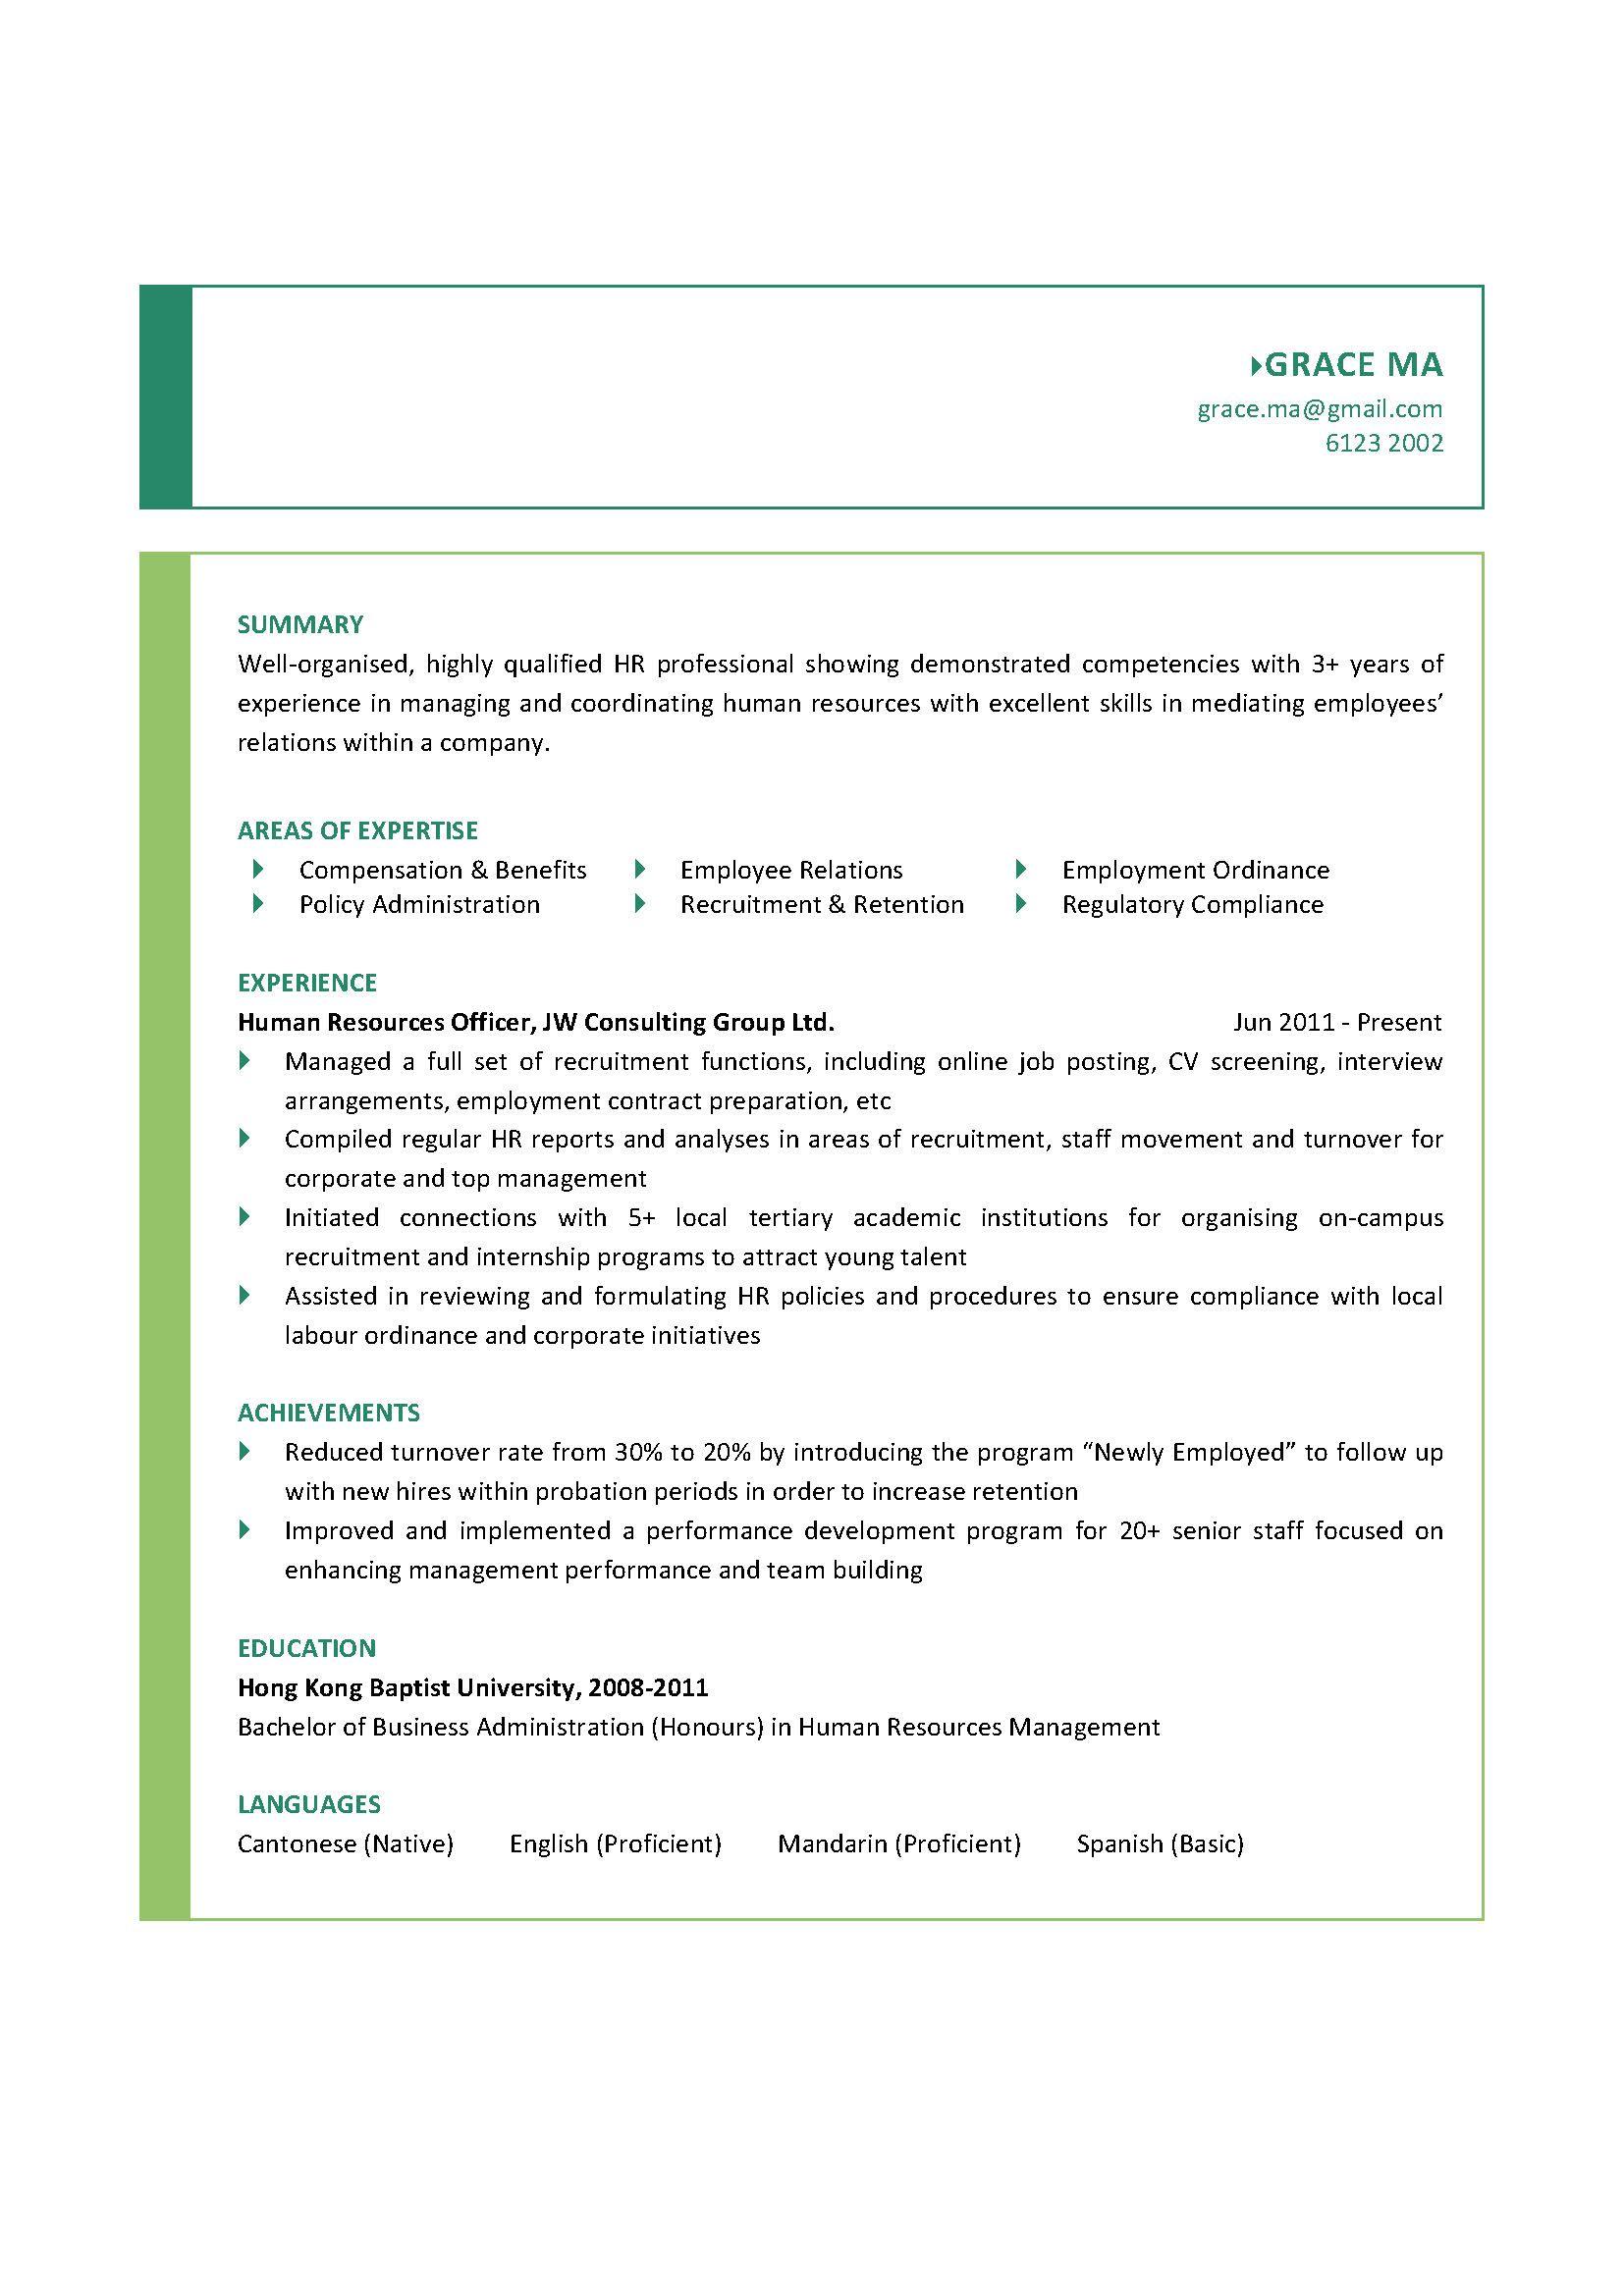 Image result for cv resume for ngo job himel pinterest image result for cv resume for ngo job altavistaventures Gallery